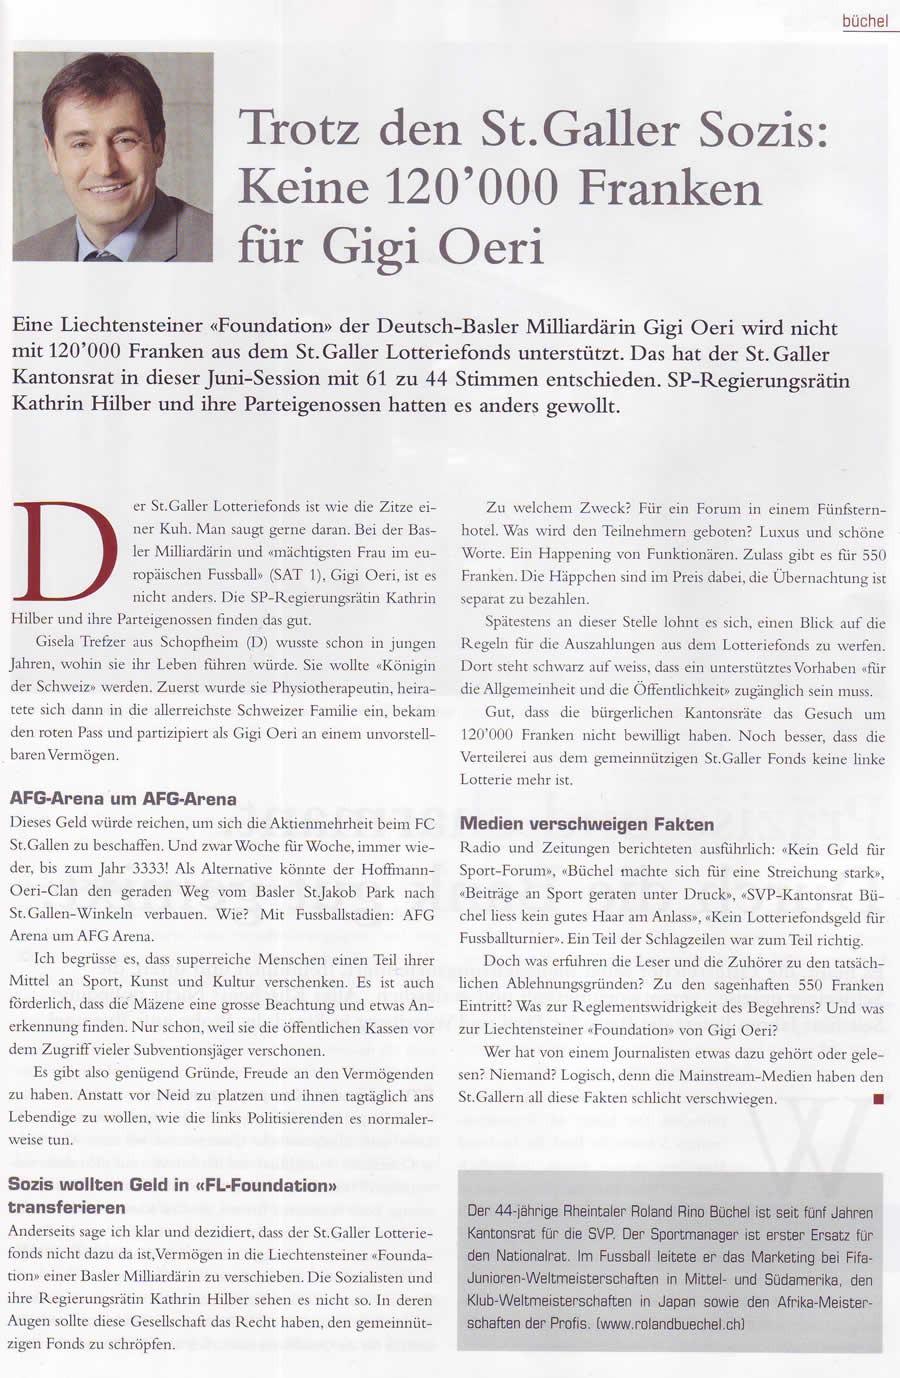 Büchel-Kolumne im LEADER: Trotz den St. Galler Sozis: Keine 120000 Franken für Gigi Oeri